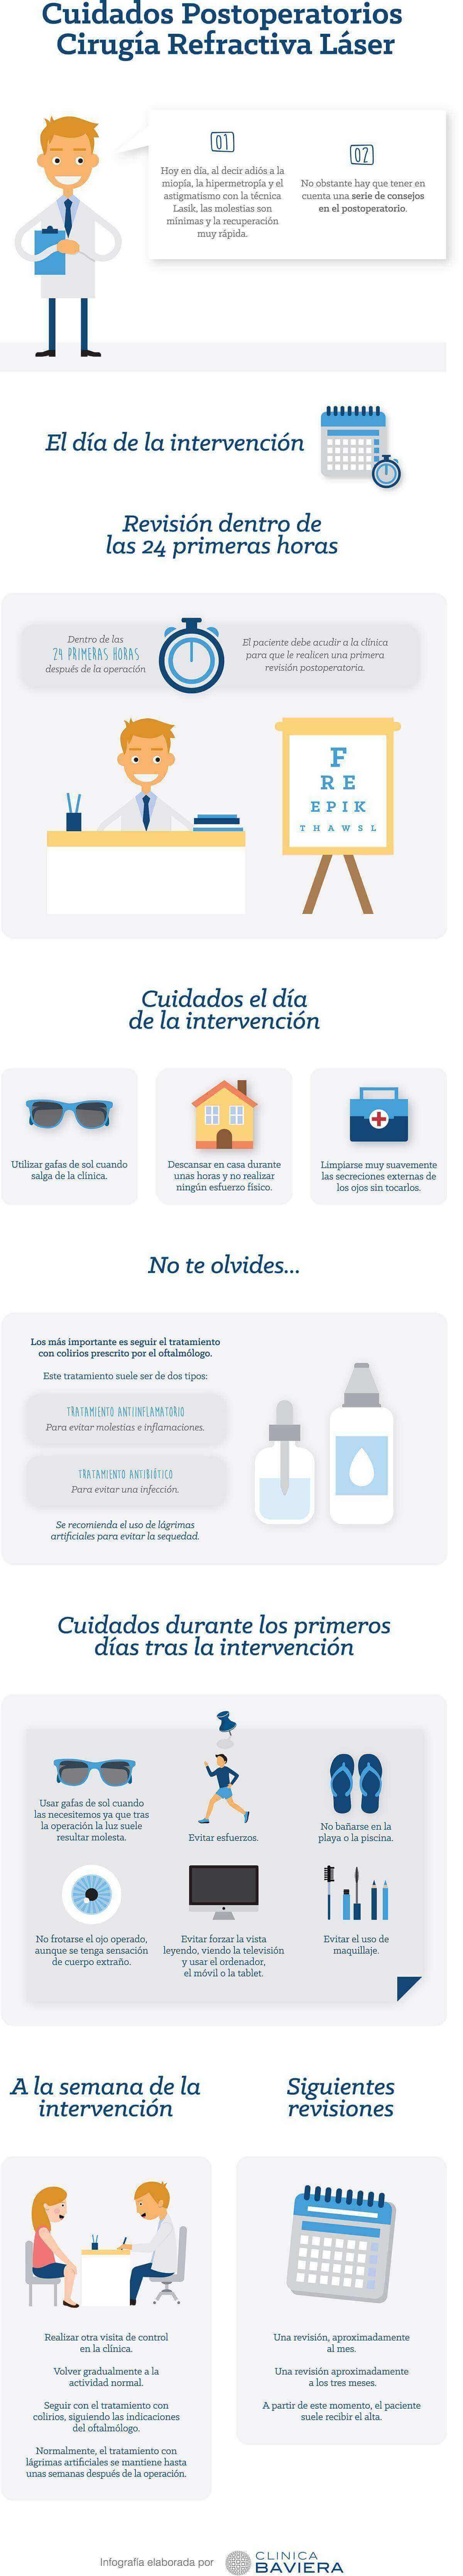 Recomendaciones postoperatorio cirugía refractiva láser